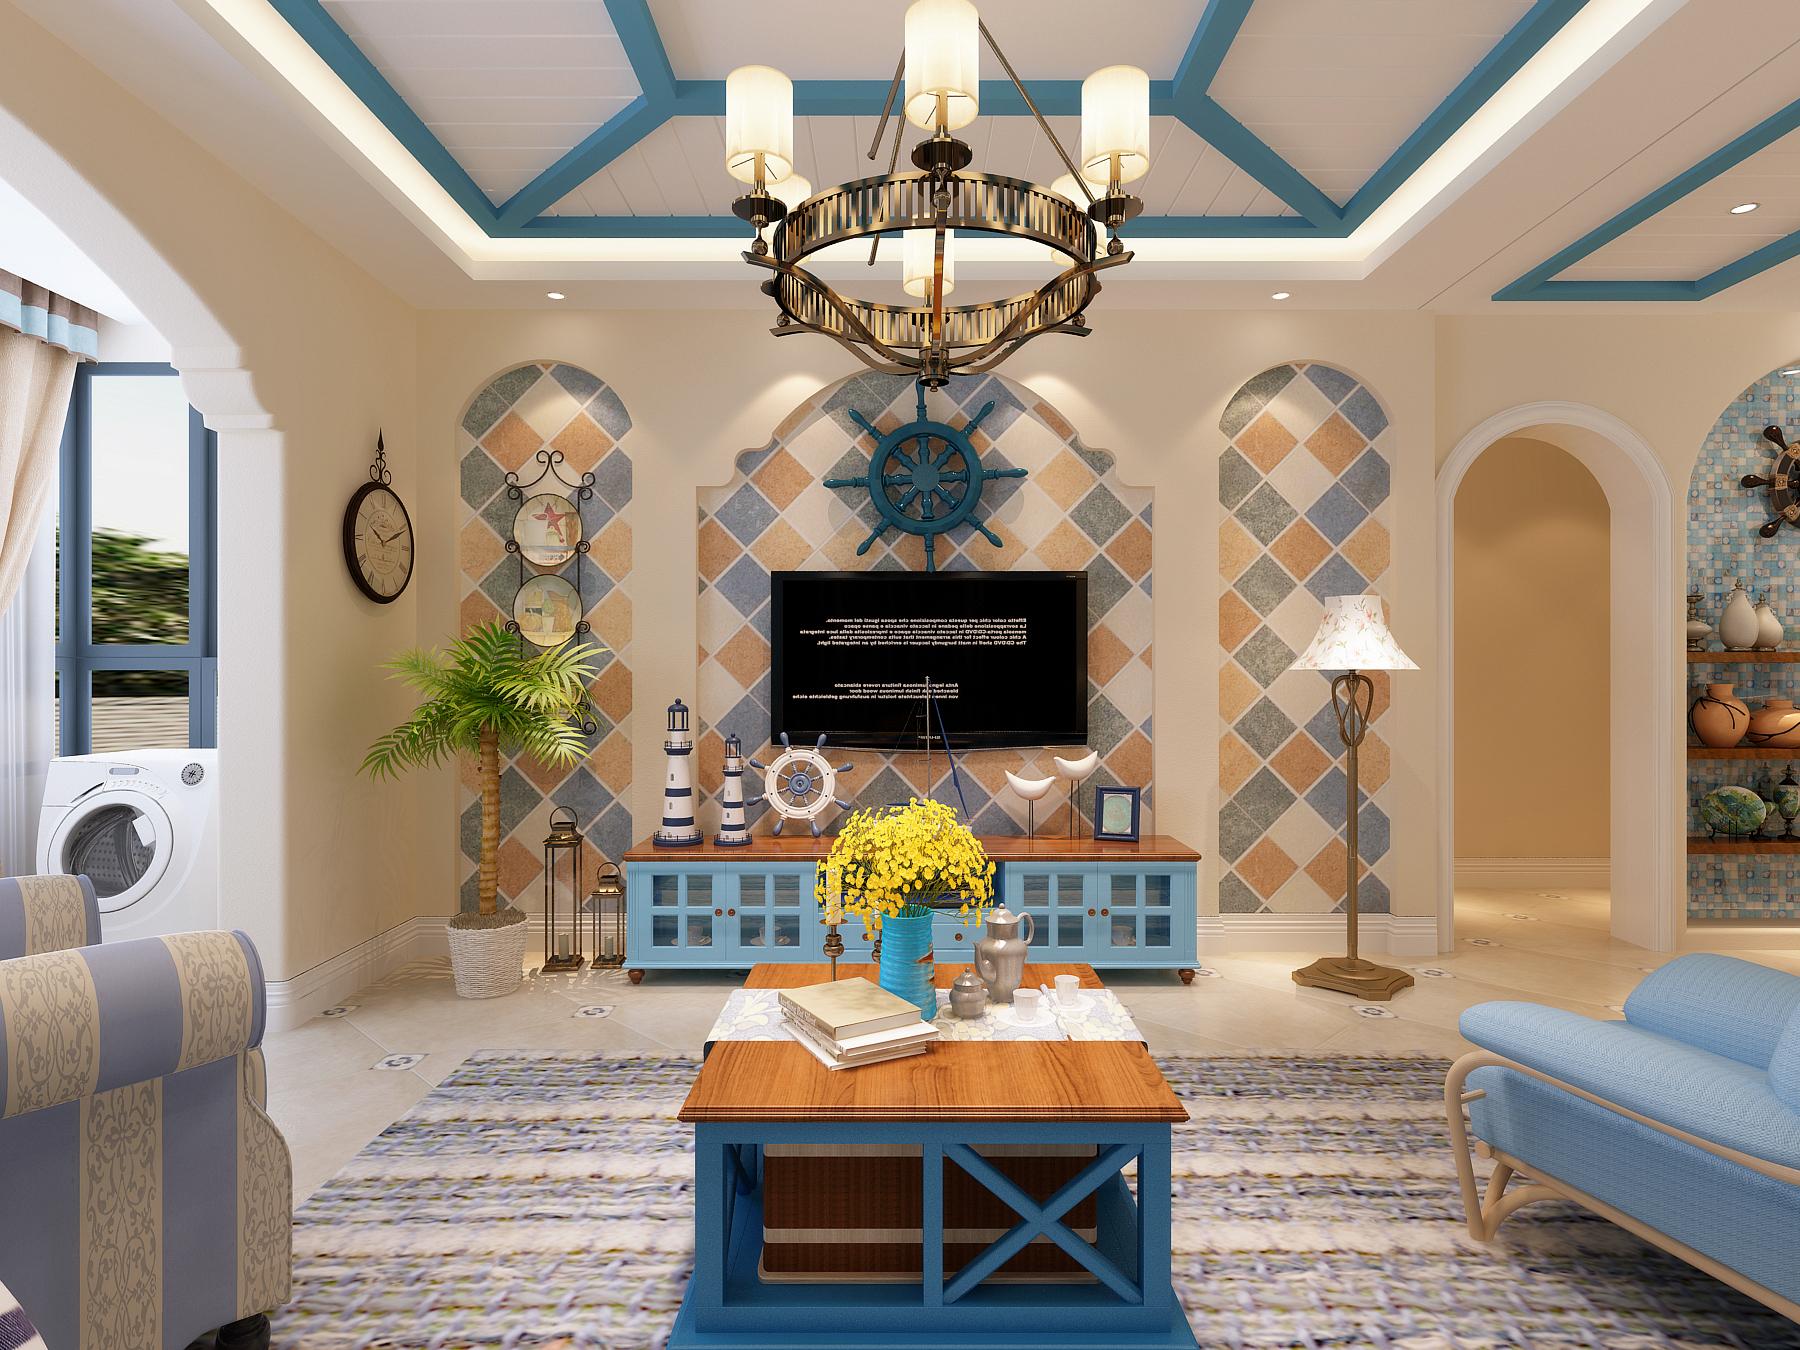 客厅地中海风格电视背景墙装修效果图